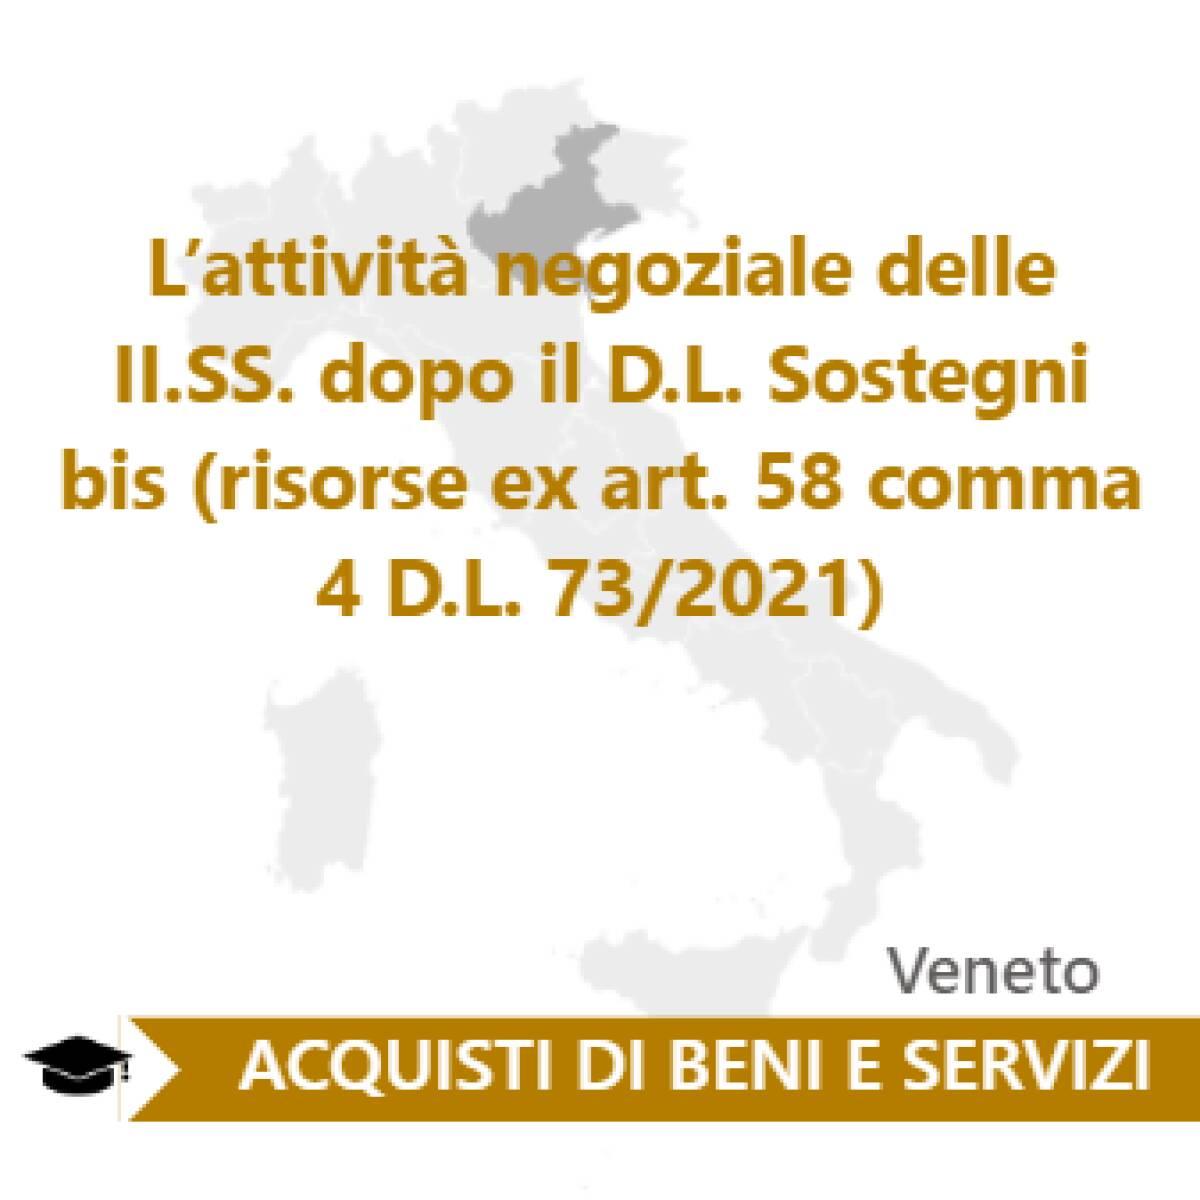 L'attività negoziale delle II.SS. dopo il D.L. Sostegni bis (risorse ex art. 58 comma 4 D.L. 73/2021)